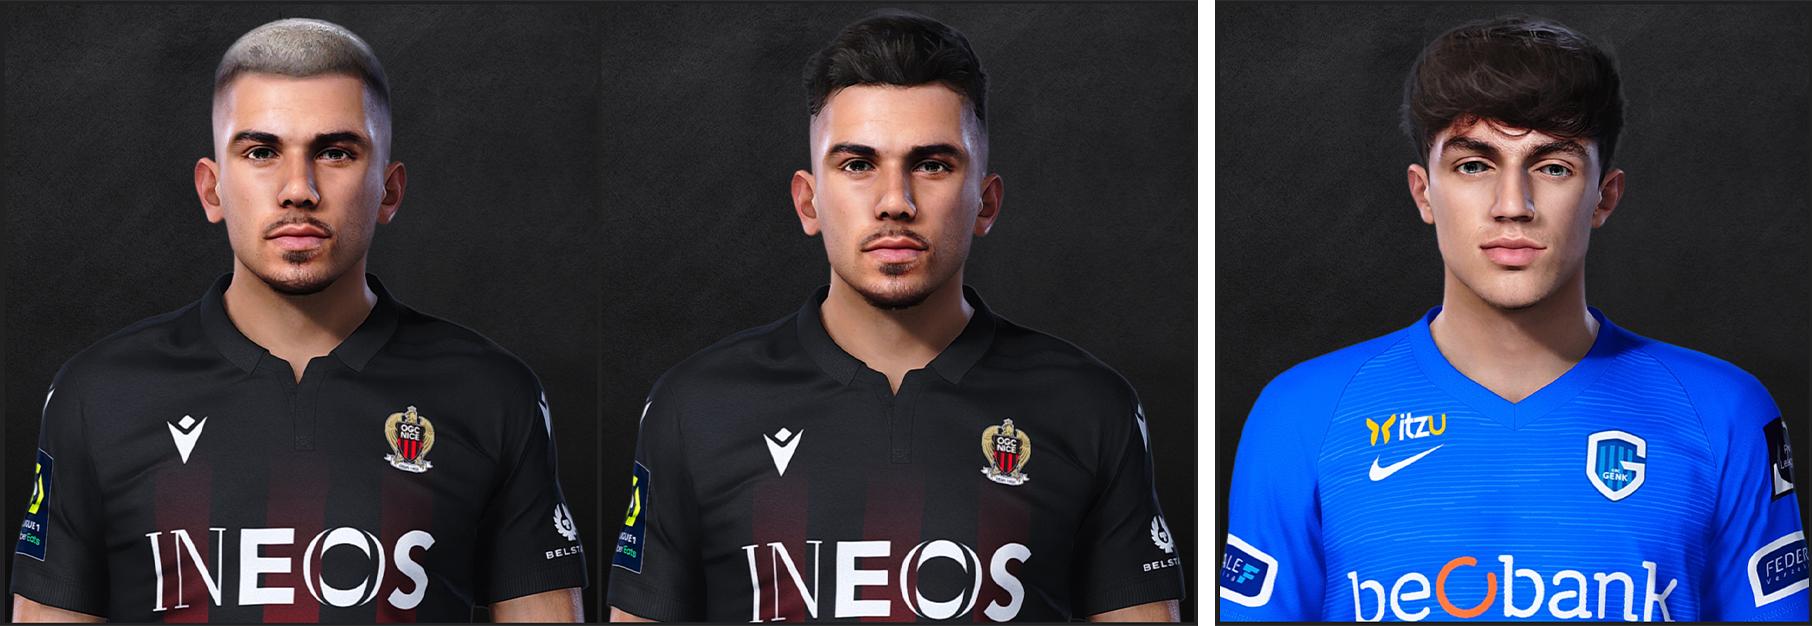 PES 2021 Faces Lucas Da Cunha & Luca Oyen